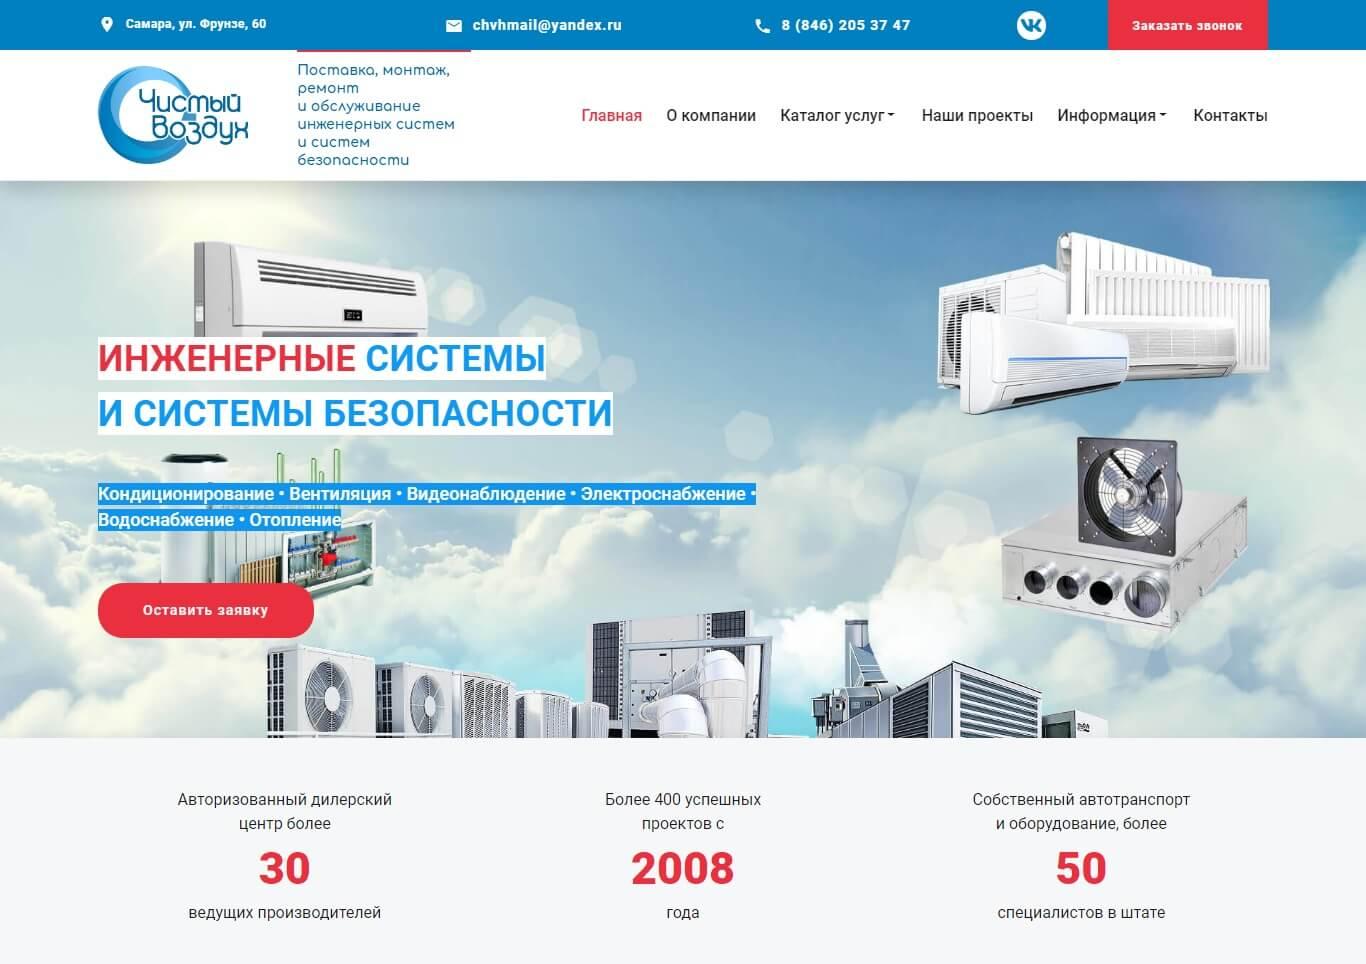 Создание корпоративных сайтов в Самаре